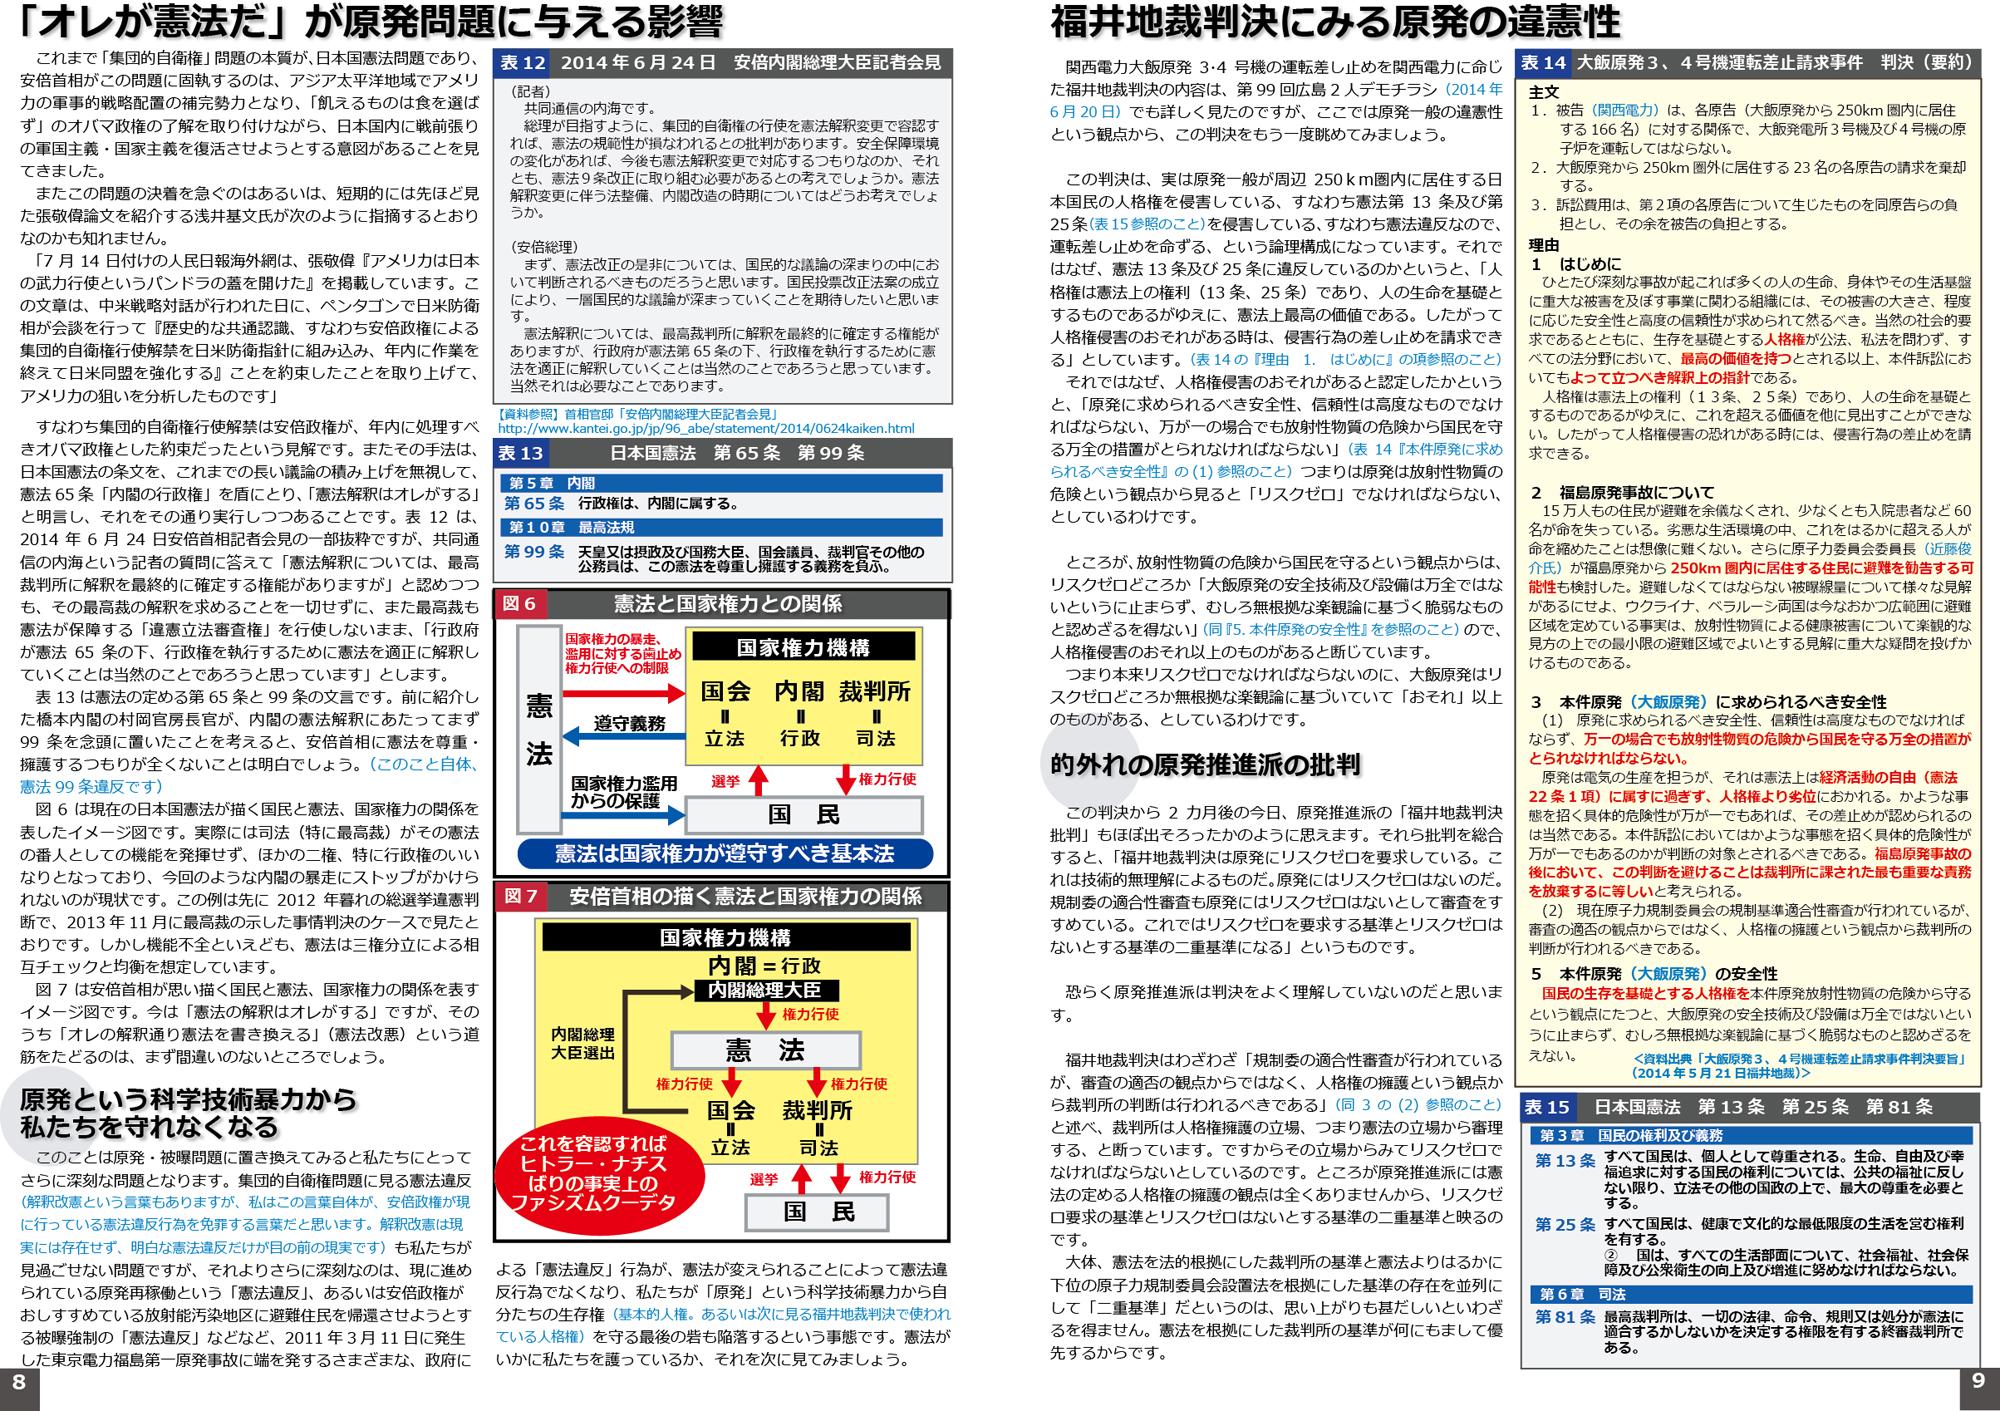 ファイル 313-5.jpg